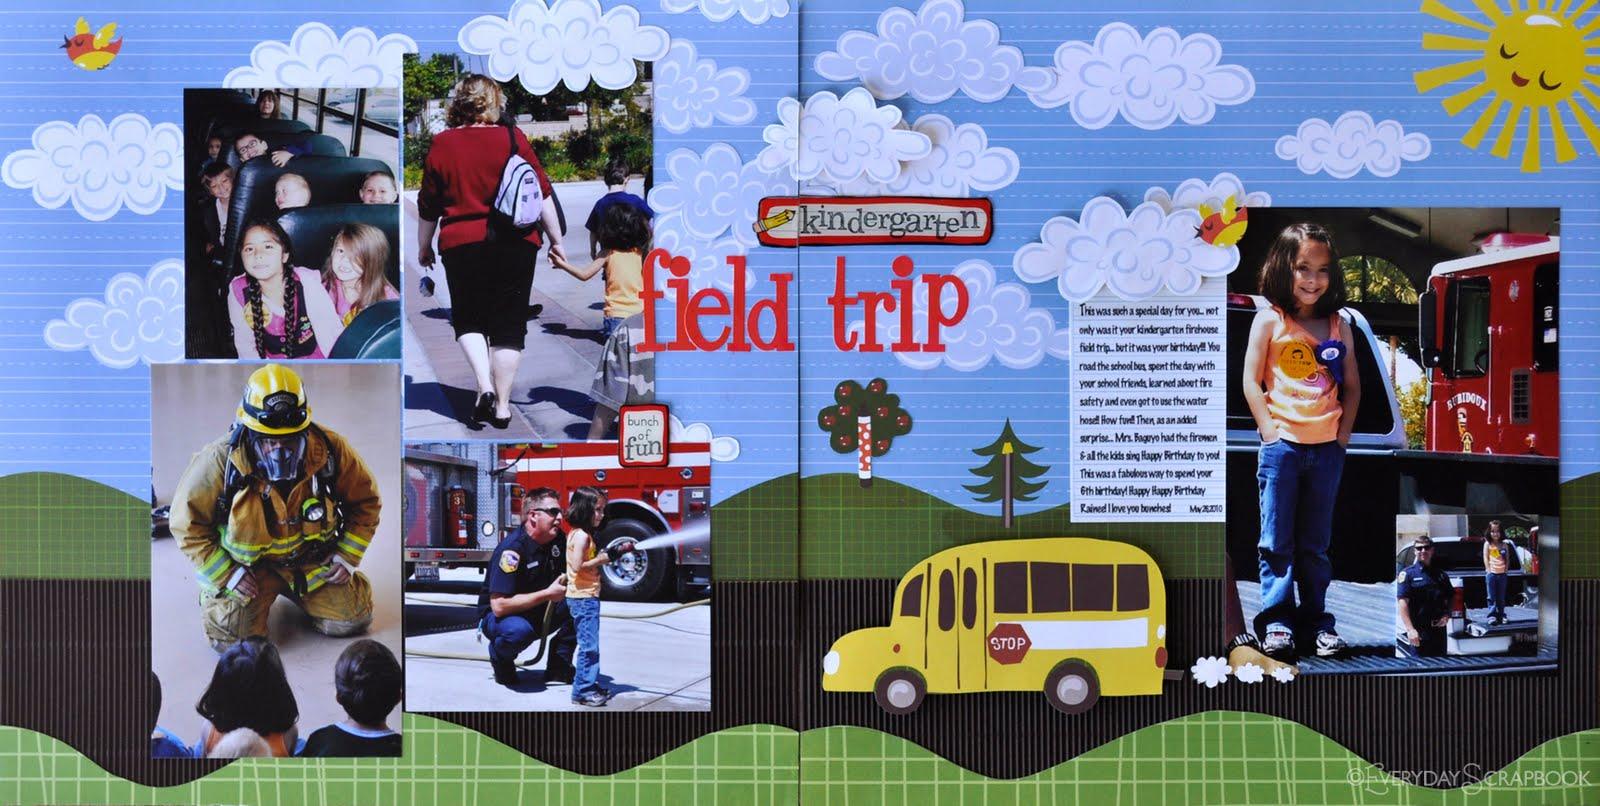 Everydayme Kindergarten Field Trip